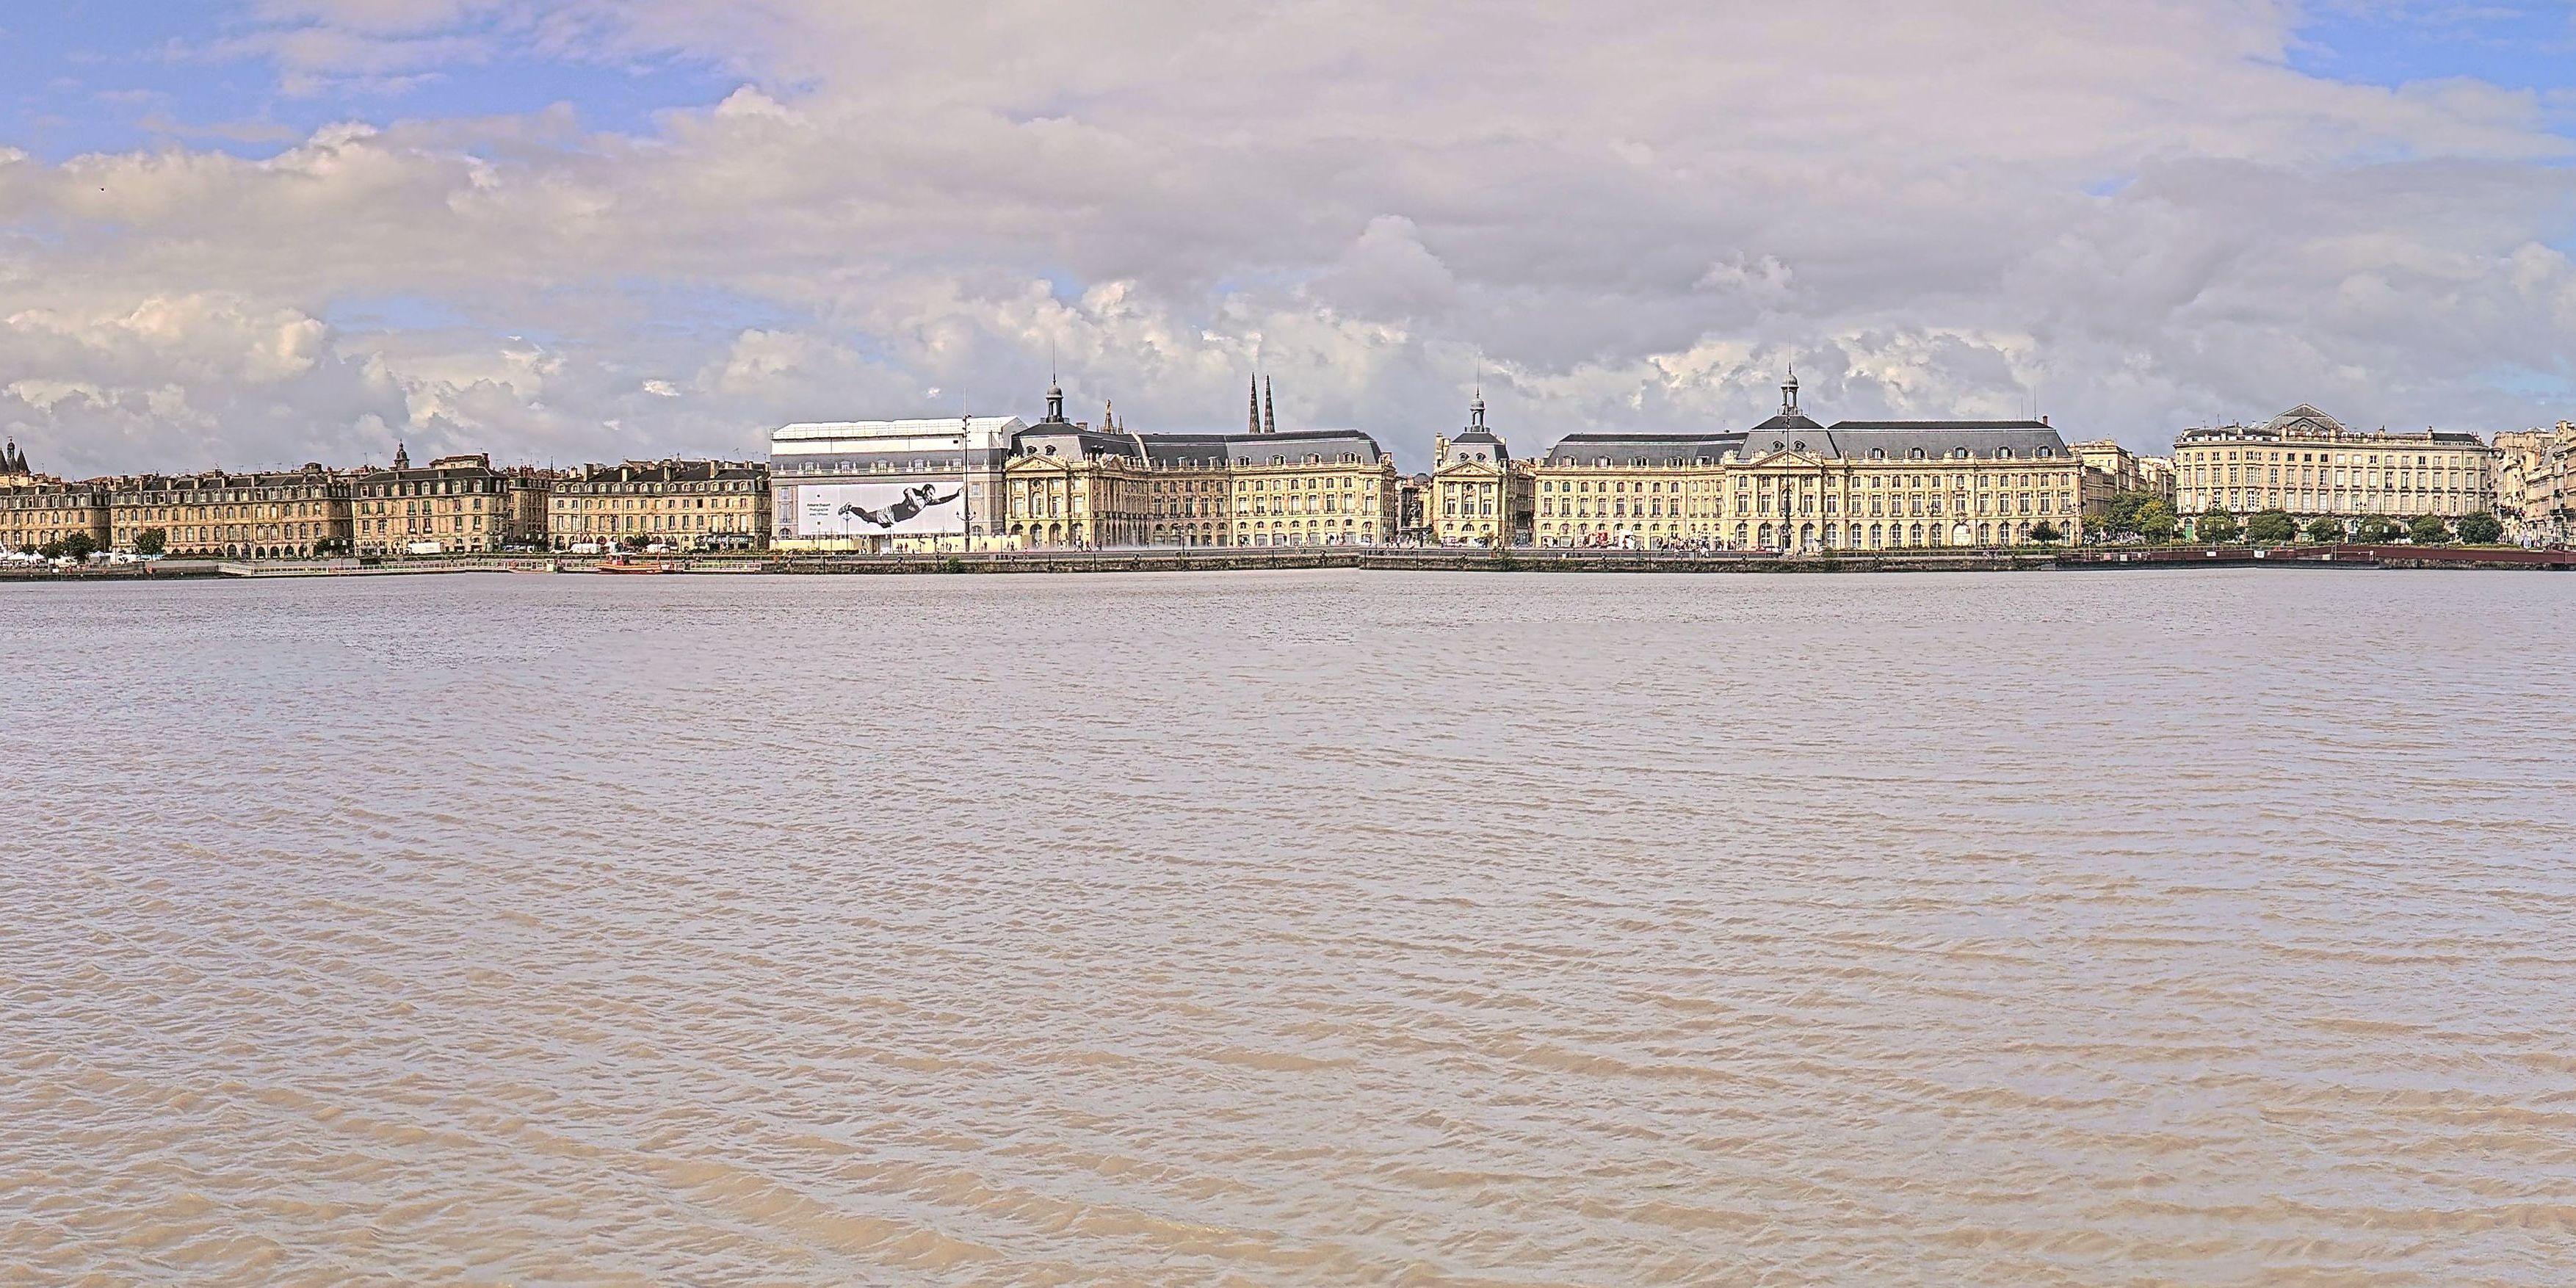 Bordeaux Thu. 12:06